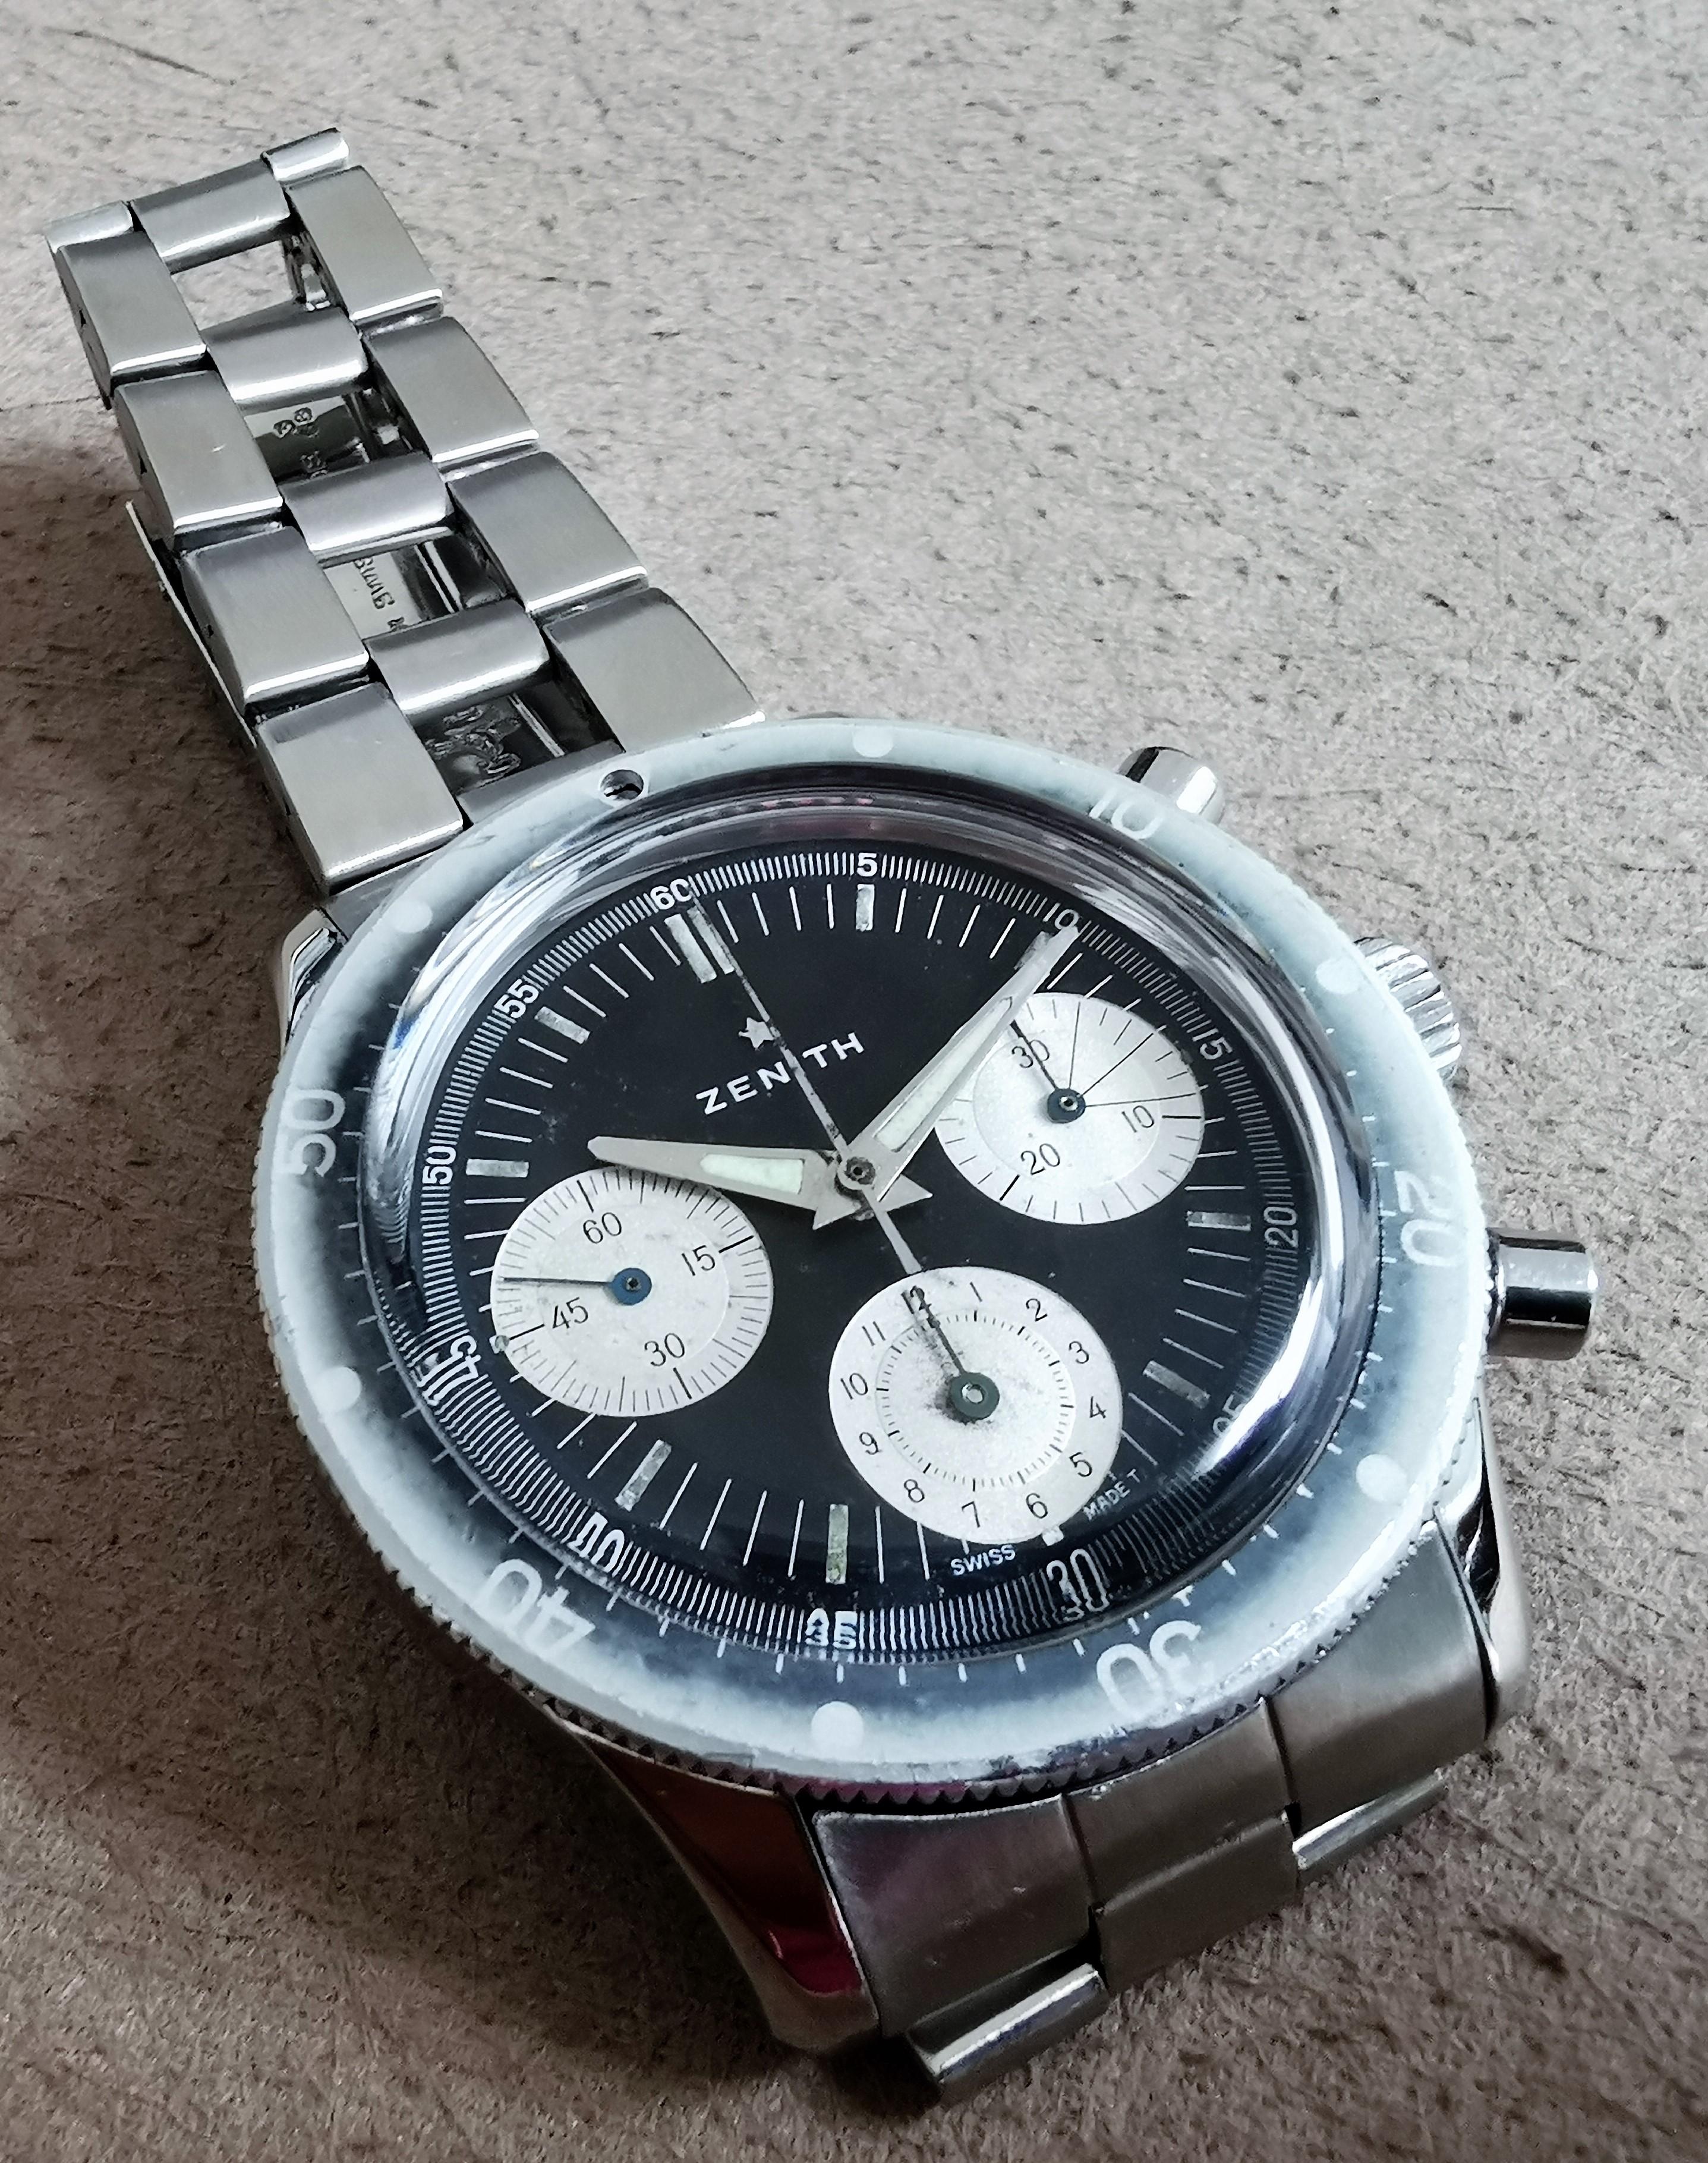 Zenith A277 diver chronograph ghost bezel black dial 146HP gay freres 3-68 | San Giorgio a Cremano